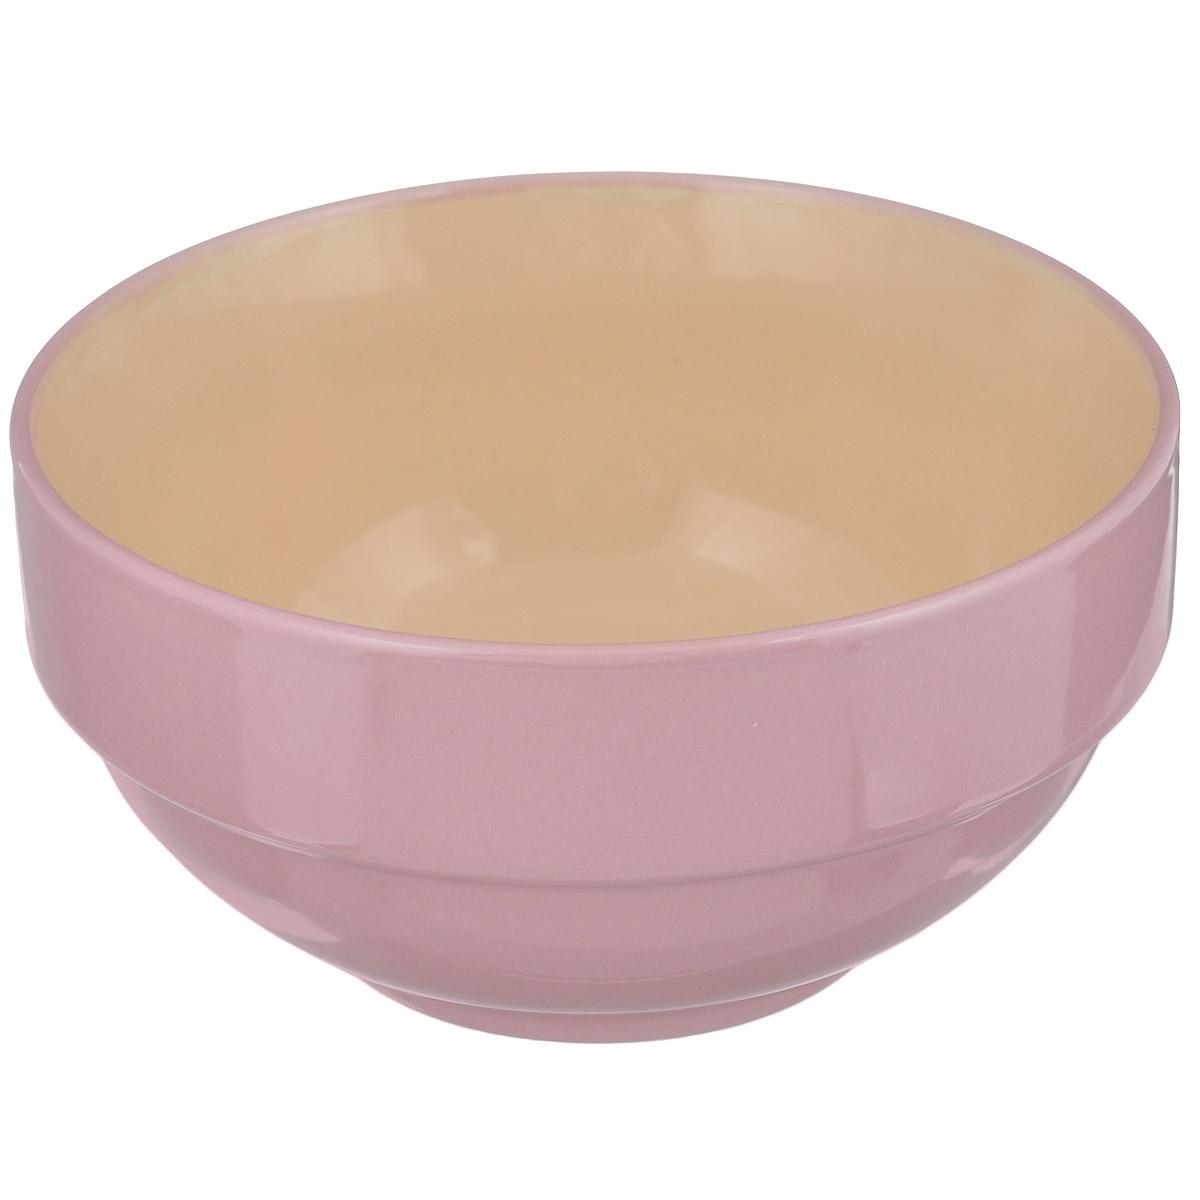 Салатник Shenzhen Xin Tianli, цвет: розовый, 550 мл115510Салатник Shenzhen Xin Tianli выполнен из высококачественной керамики. Салатник прекрасно подойдет для сервировки различных блюд. Яркий дизайн украсит стол и порадует вас и ваших гостей. Диаметр: 14 см. Высота: 7 см. Объем: 550 мл.